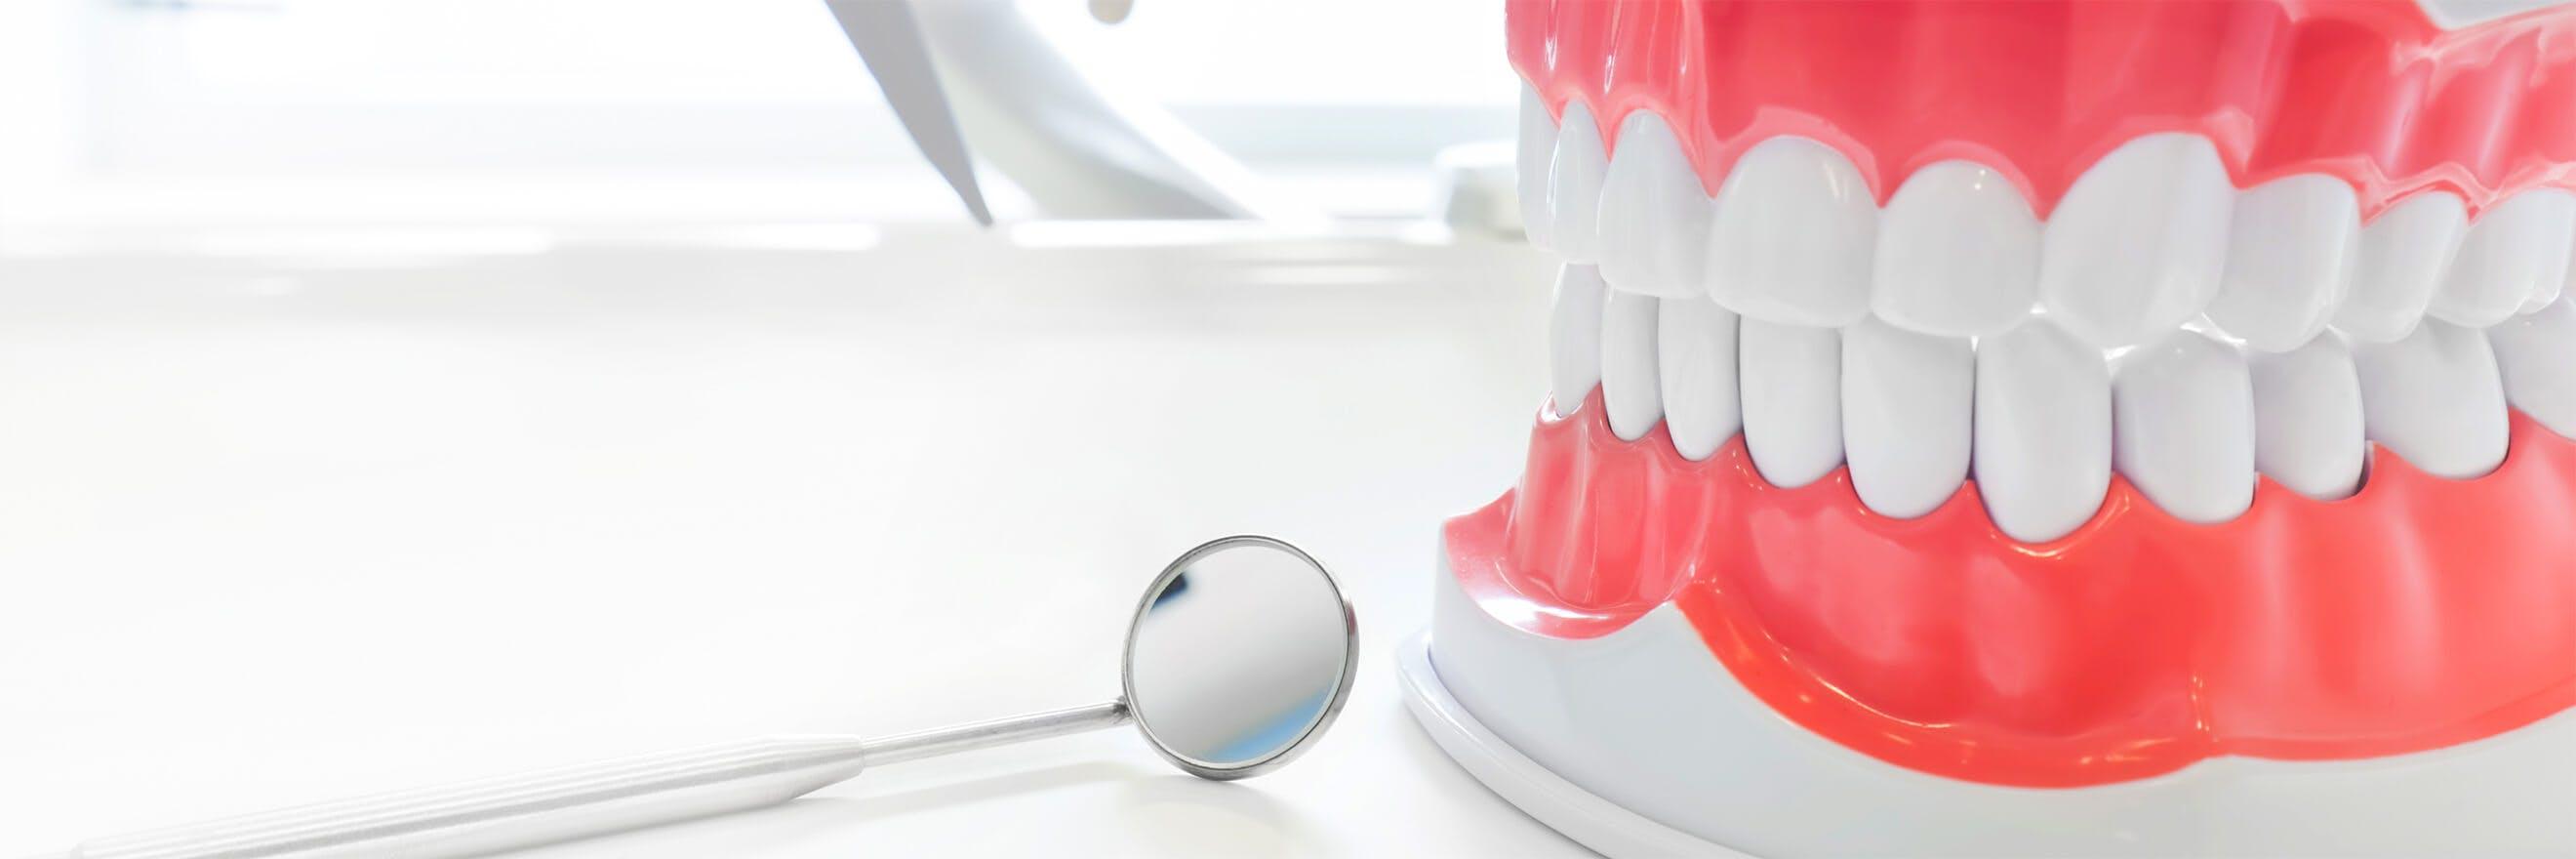 Hammaslääkärin peili muovisten malli-ikenien vieressä